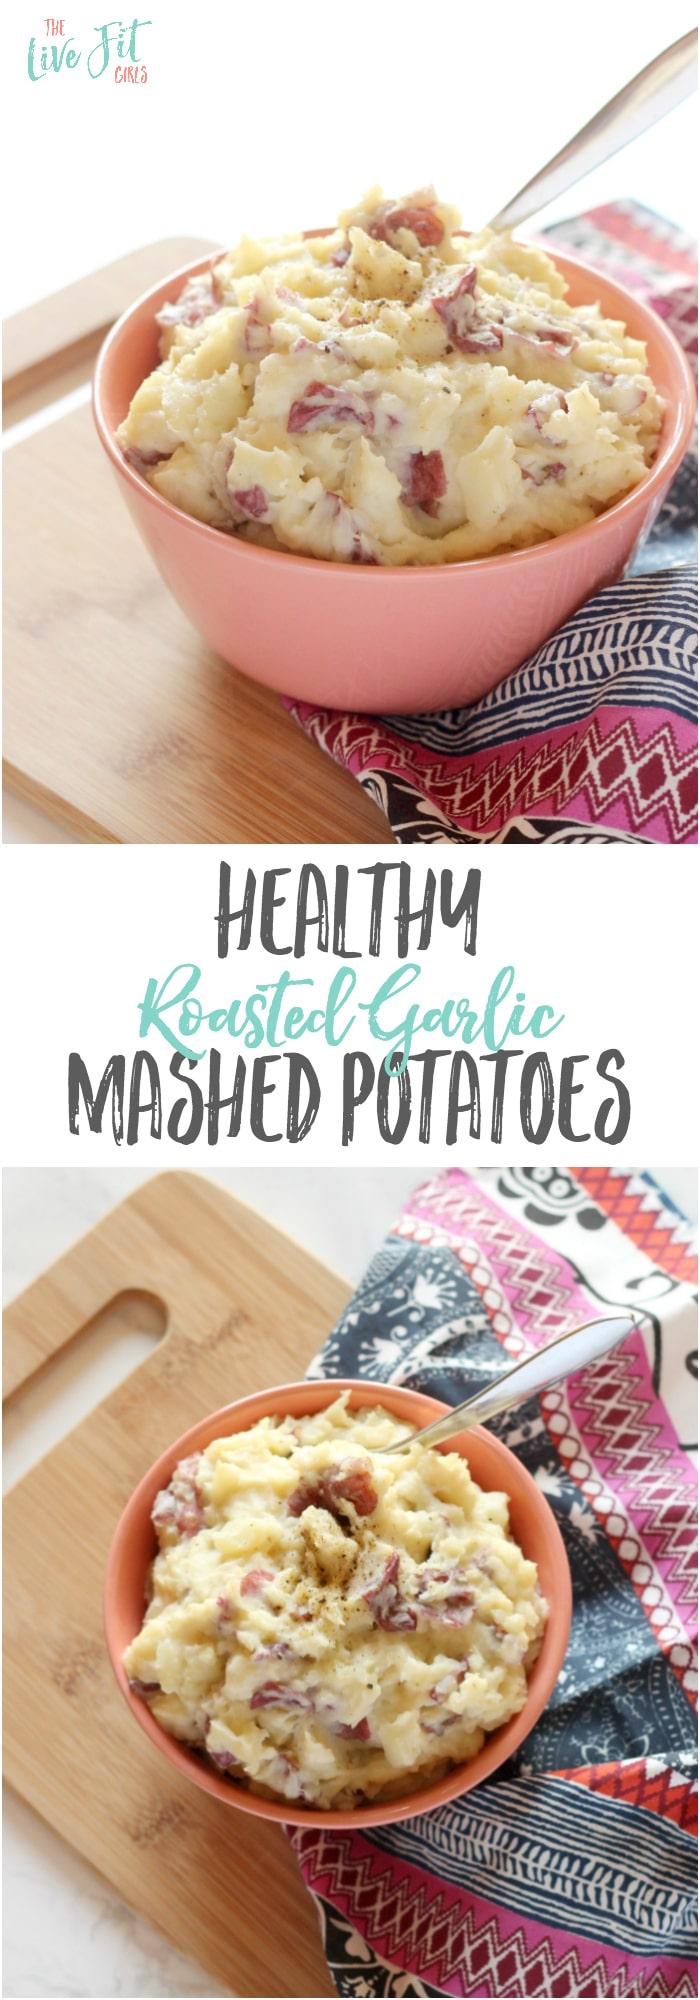 healthy-mashed-potatoes-pin